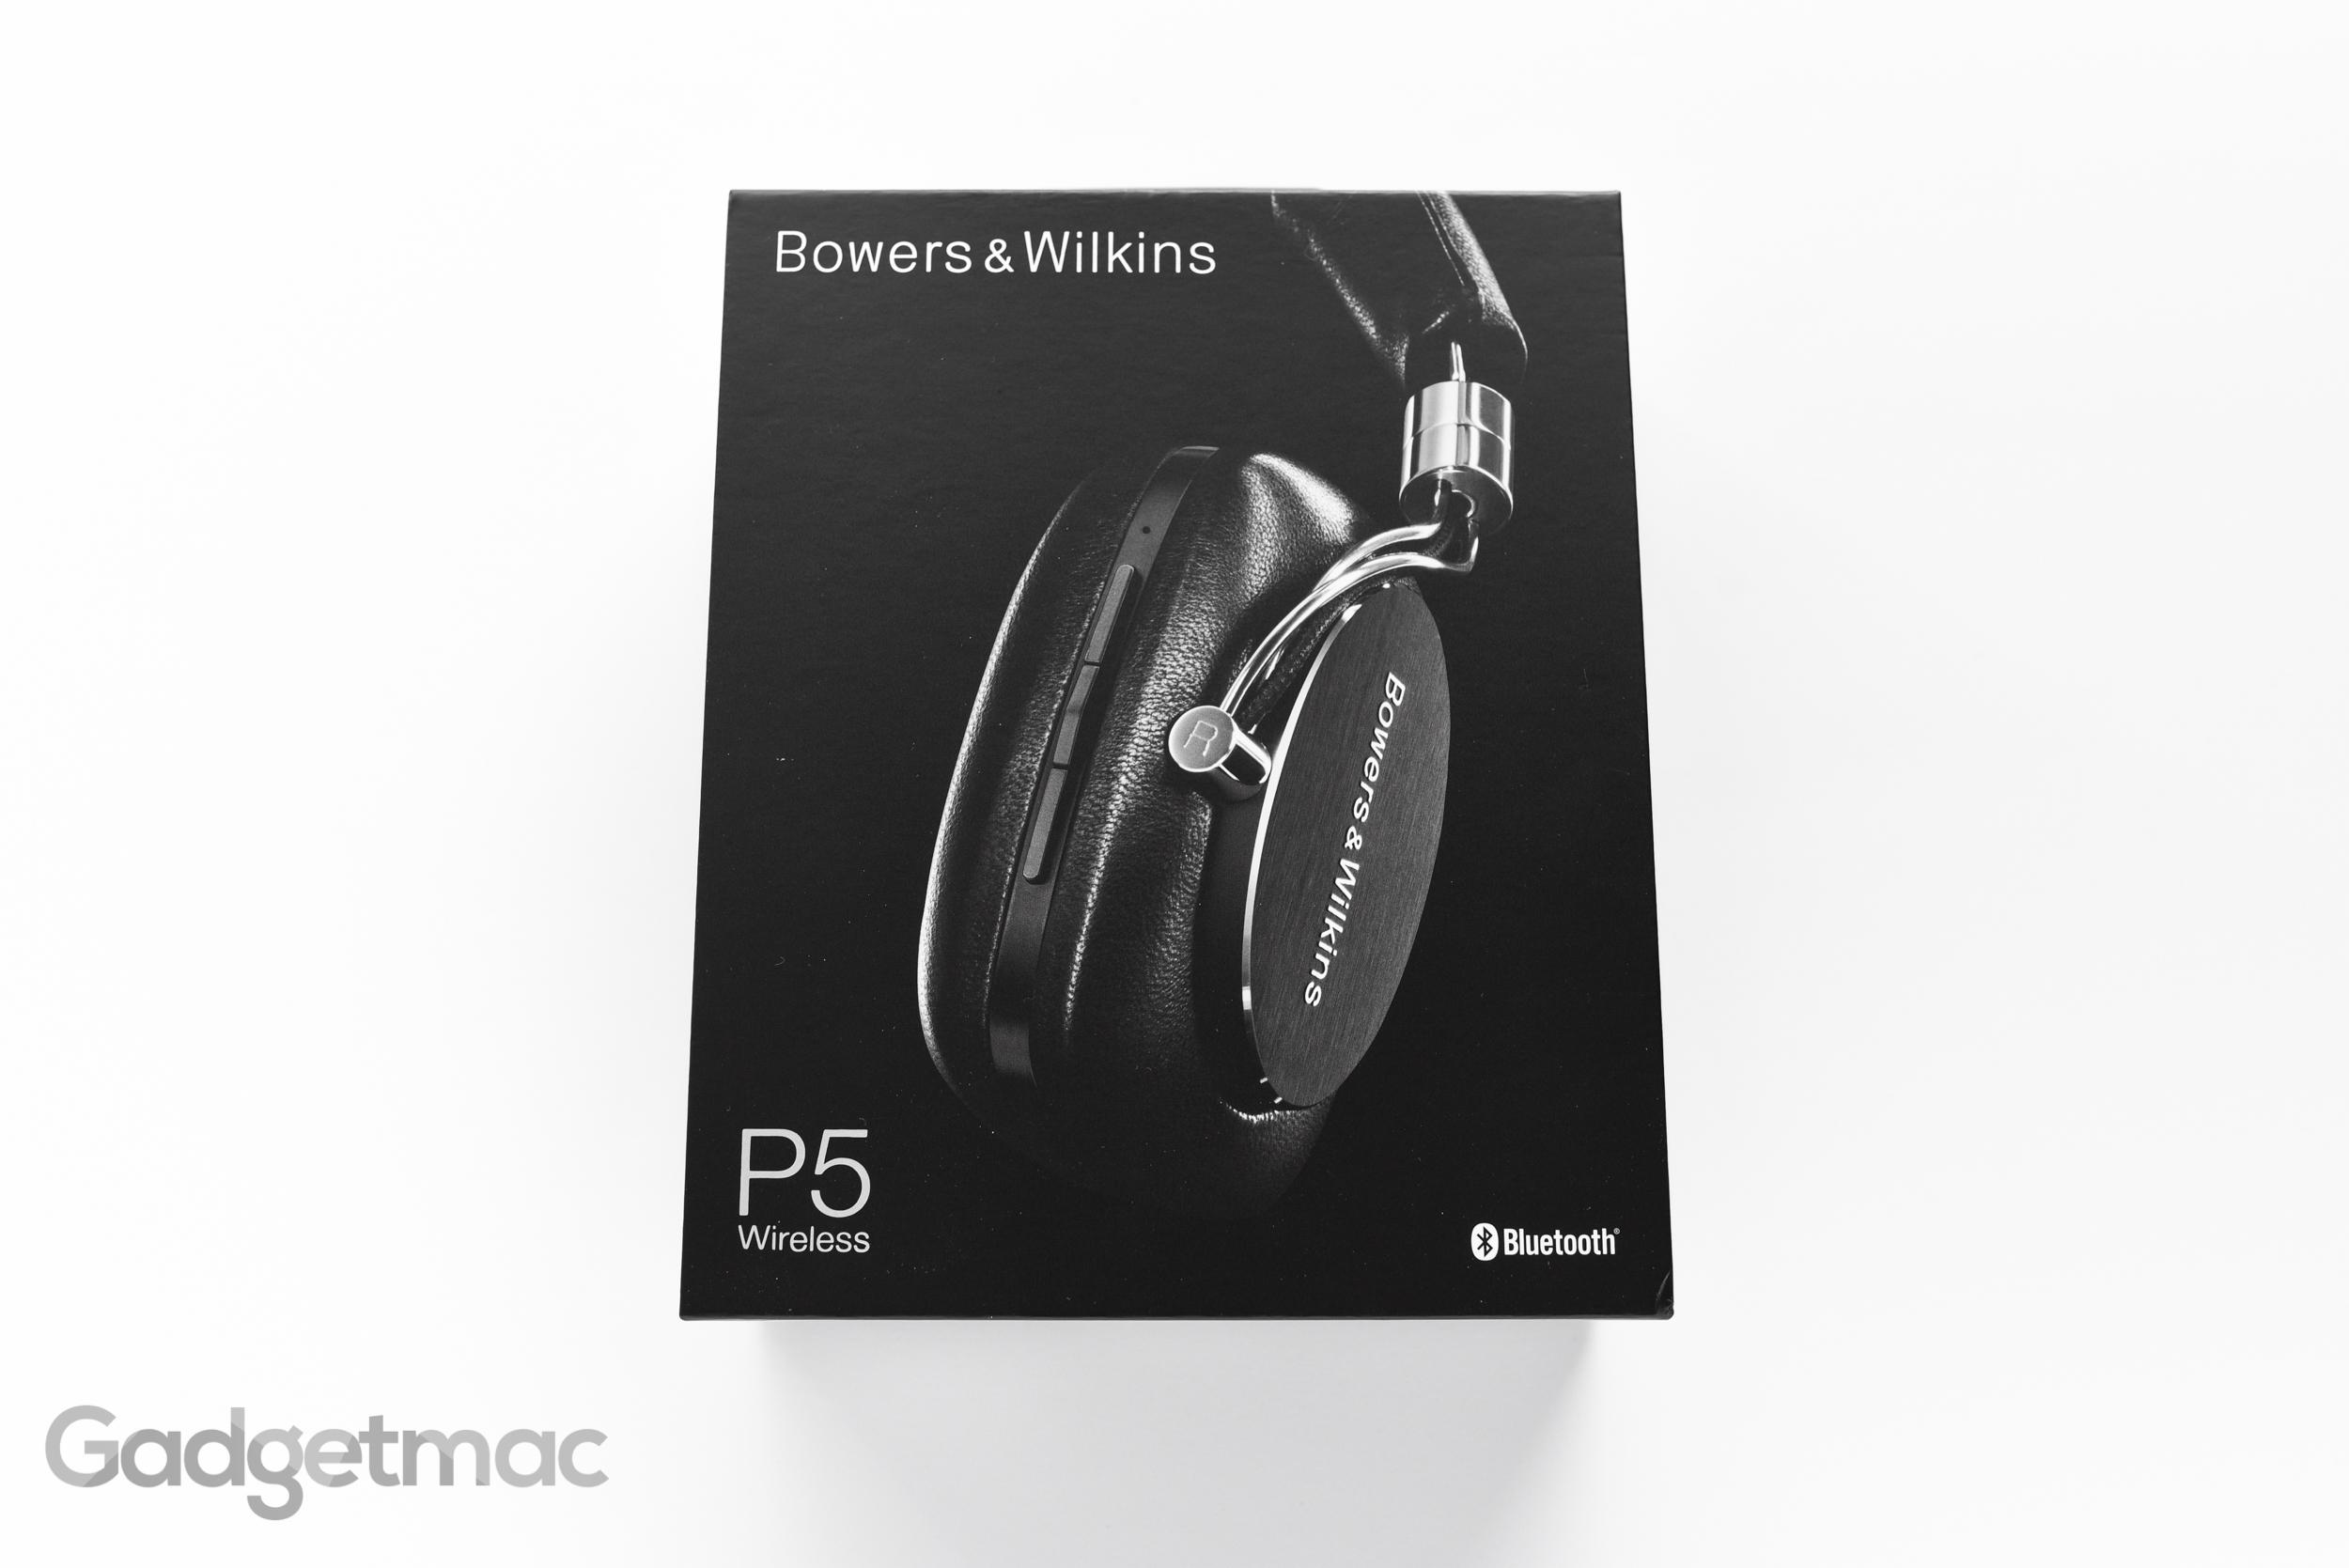 bowers-wilkins-p5-wireless-packaging.jpg